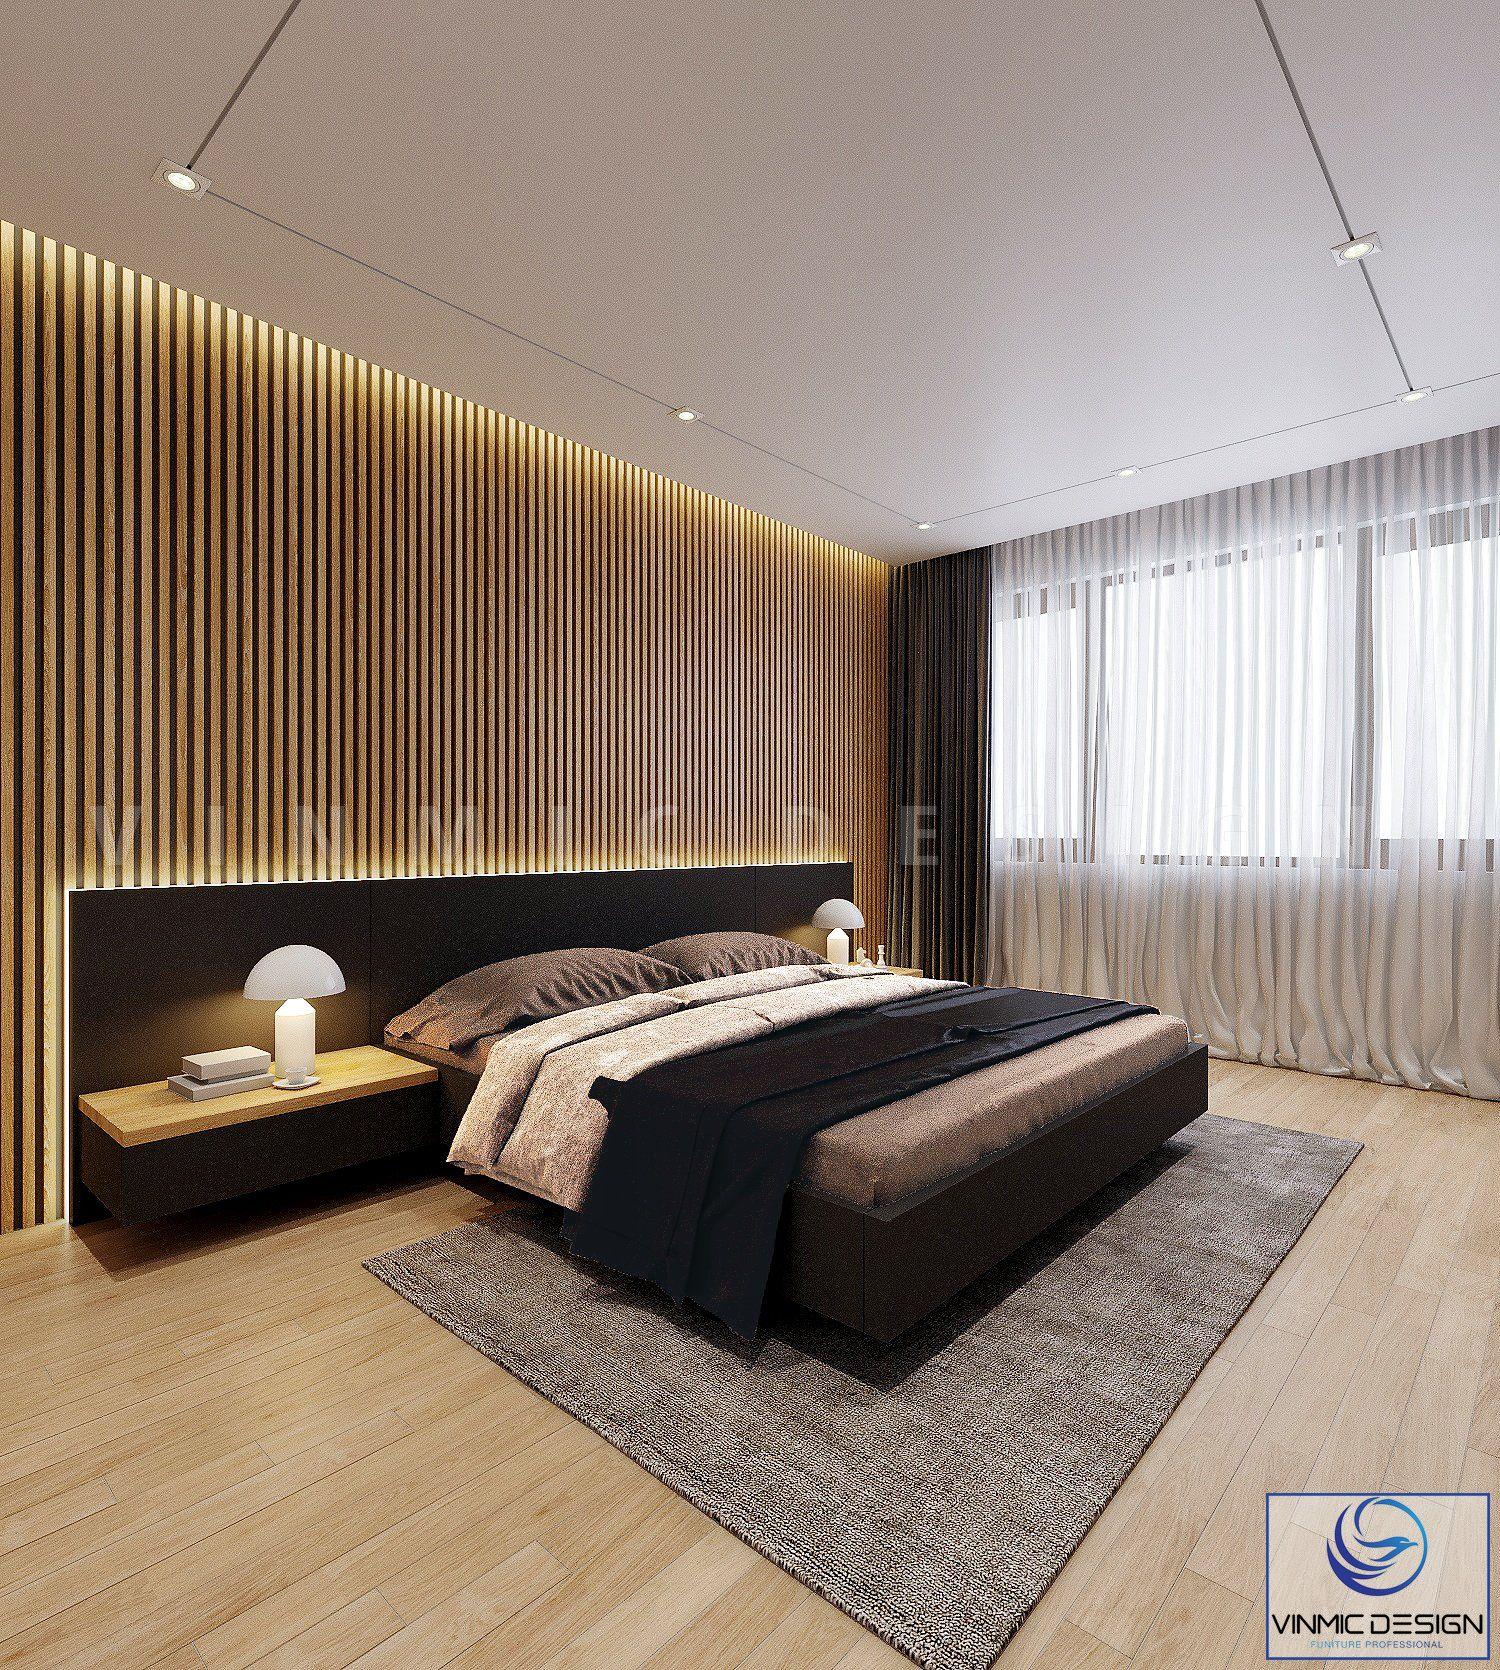 Thiêt kế phòng ngủ tận dụng ánh sáng từ thiên nhiên